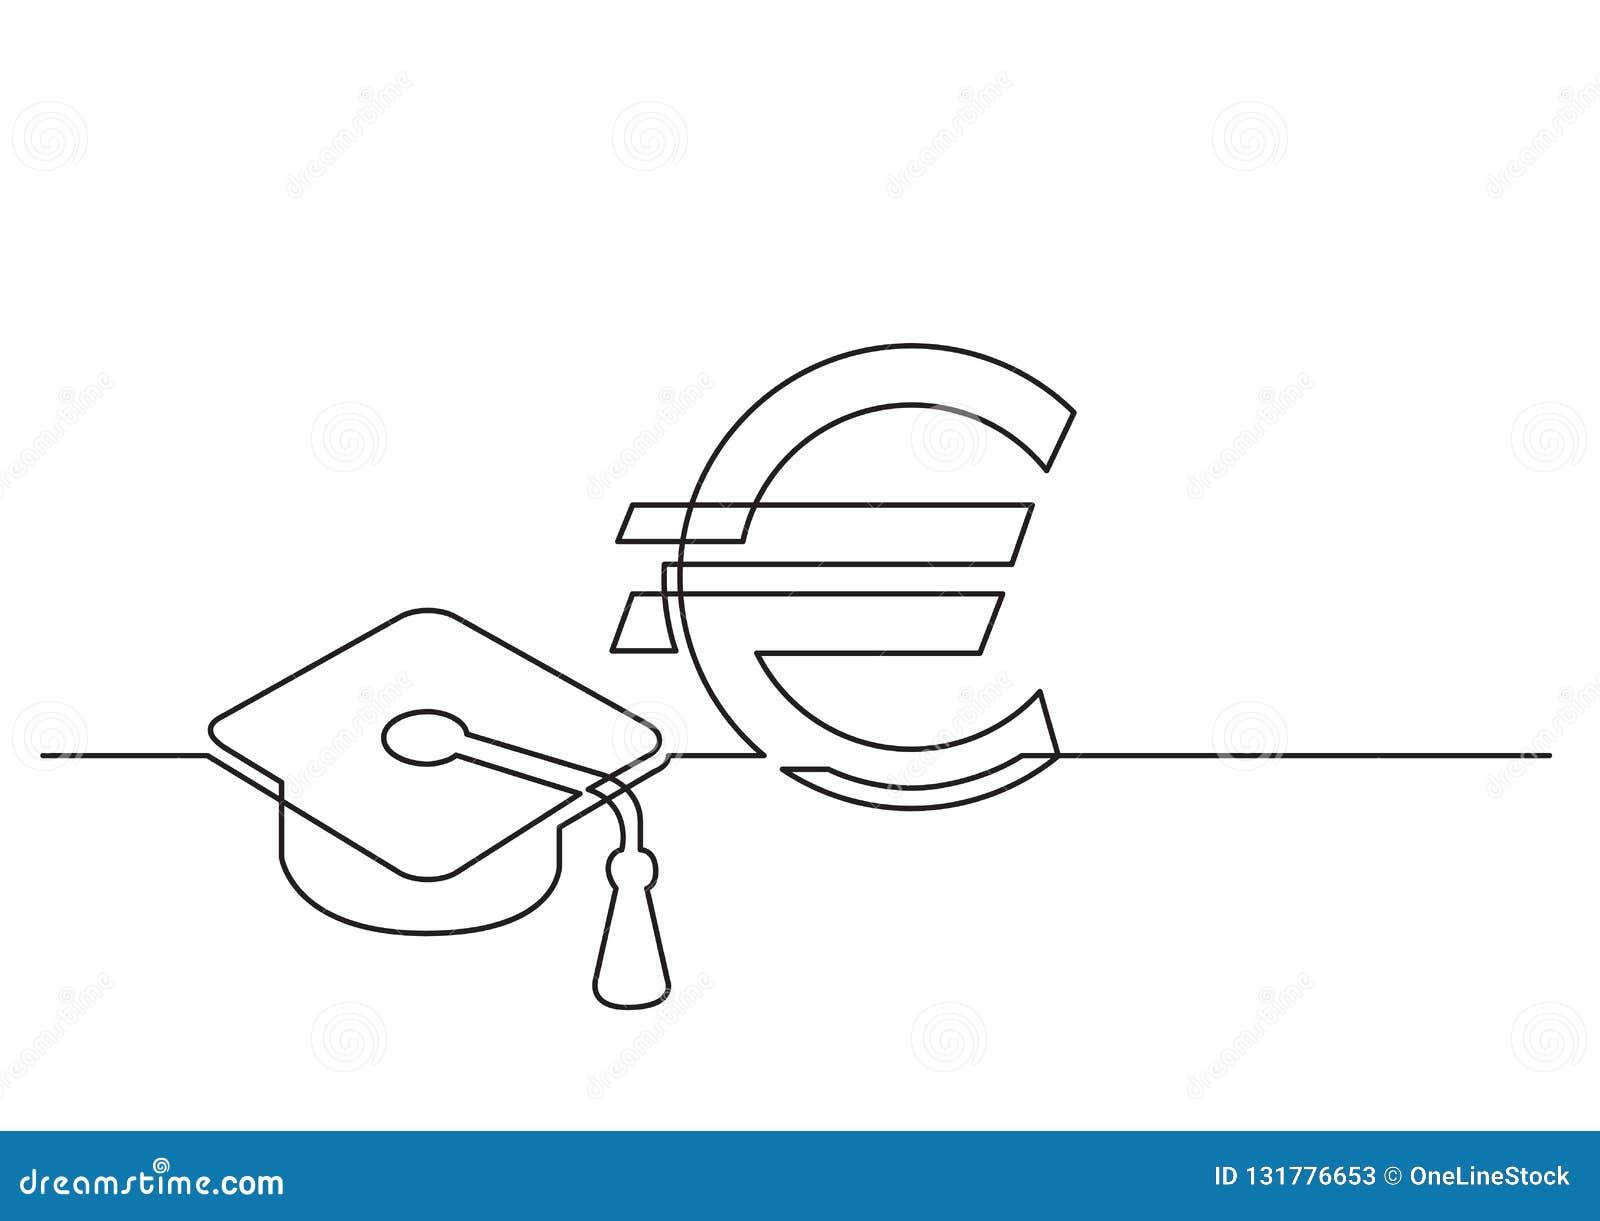 Jeden kreskowy rysunek odosobniony wektorowy przedmiot - koszt edukacja w euro